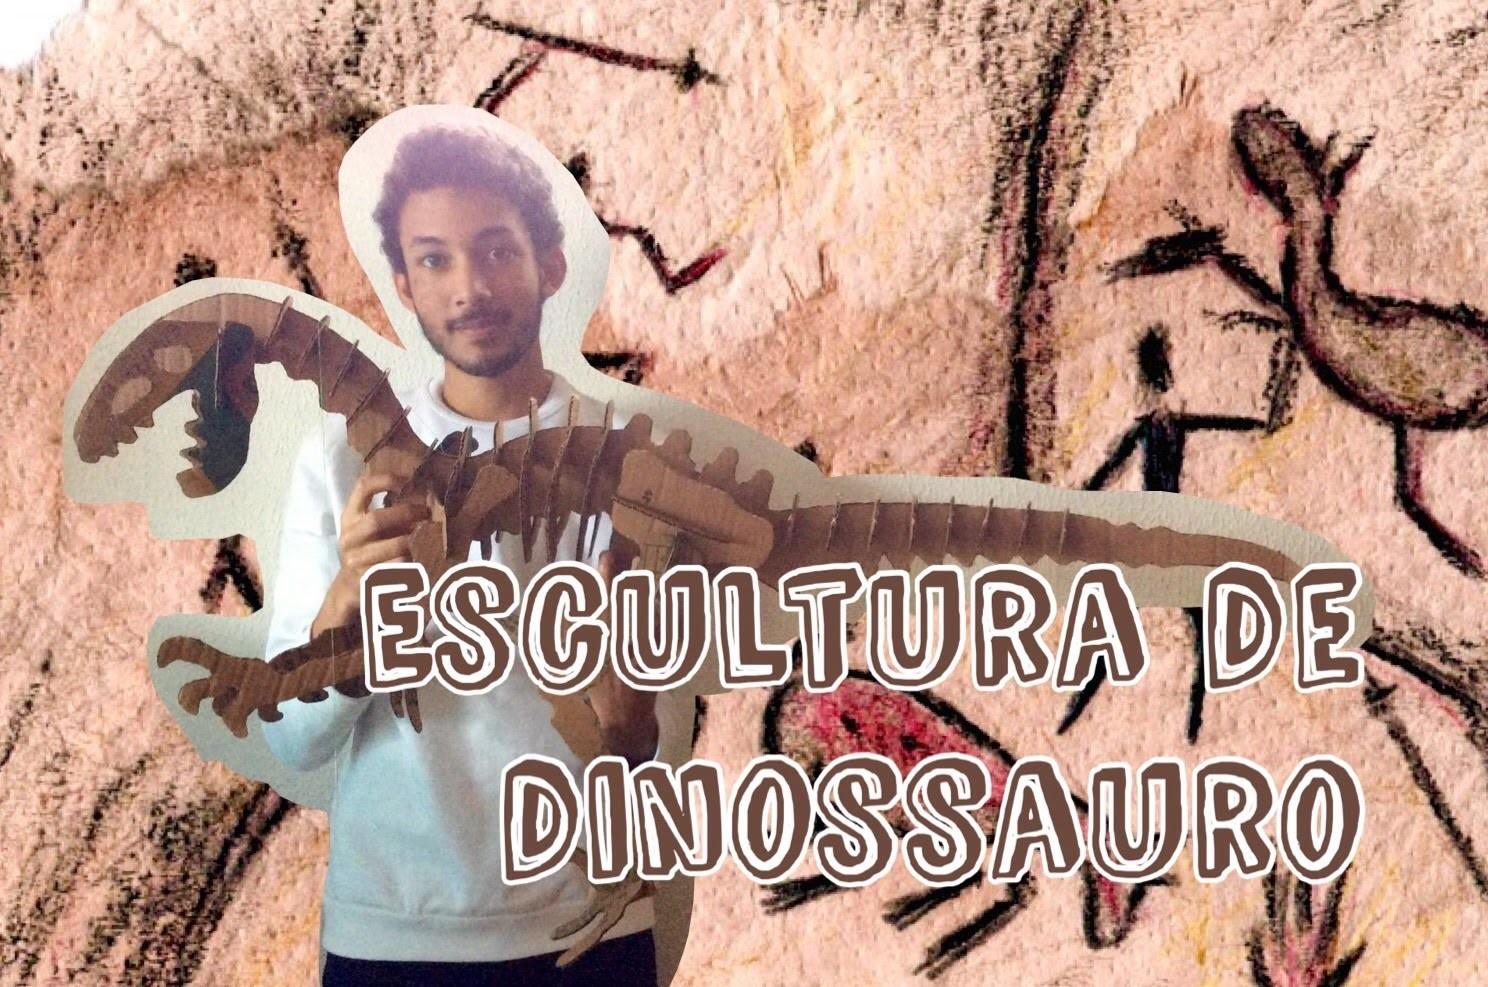 Escultura de dinossauro (DIY)